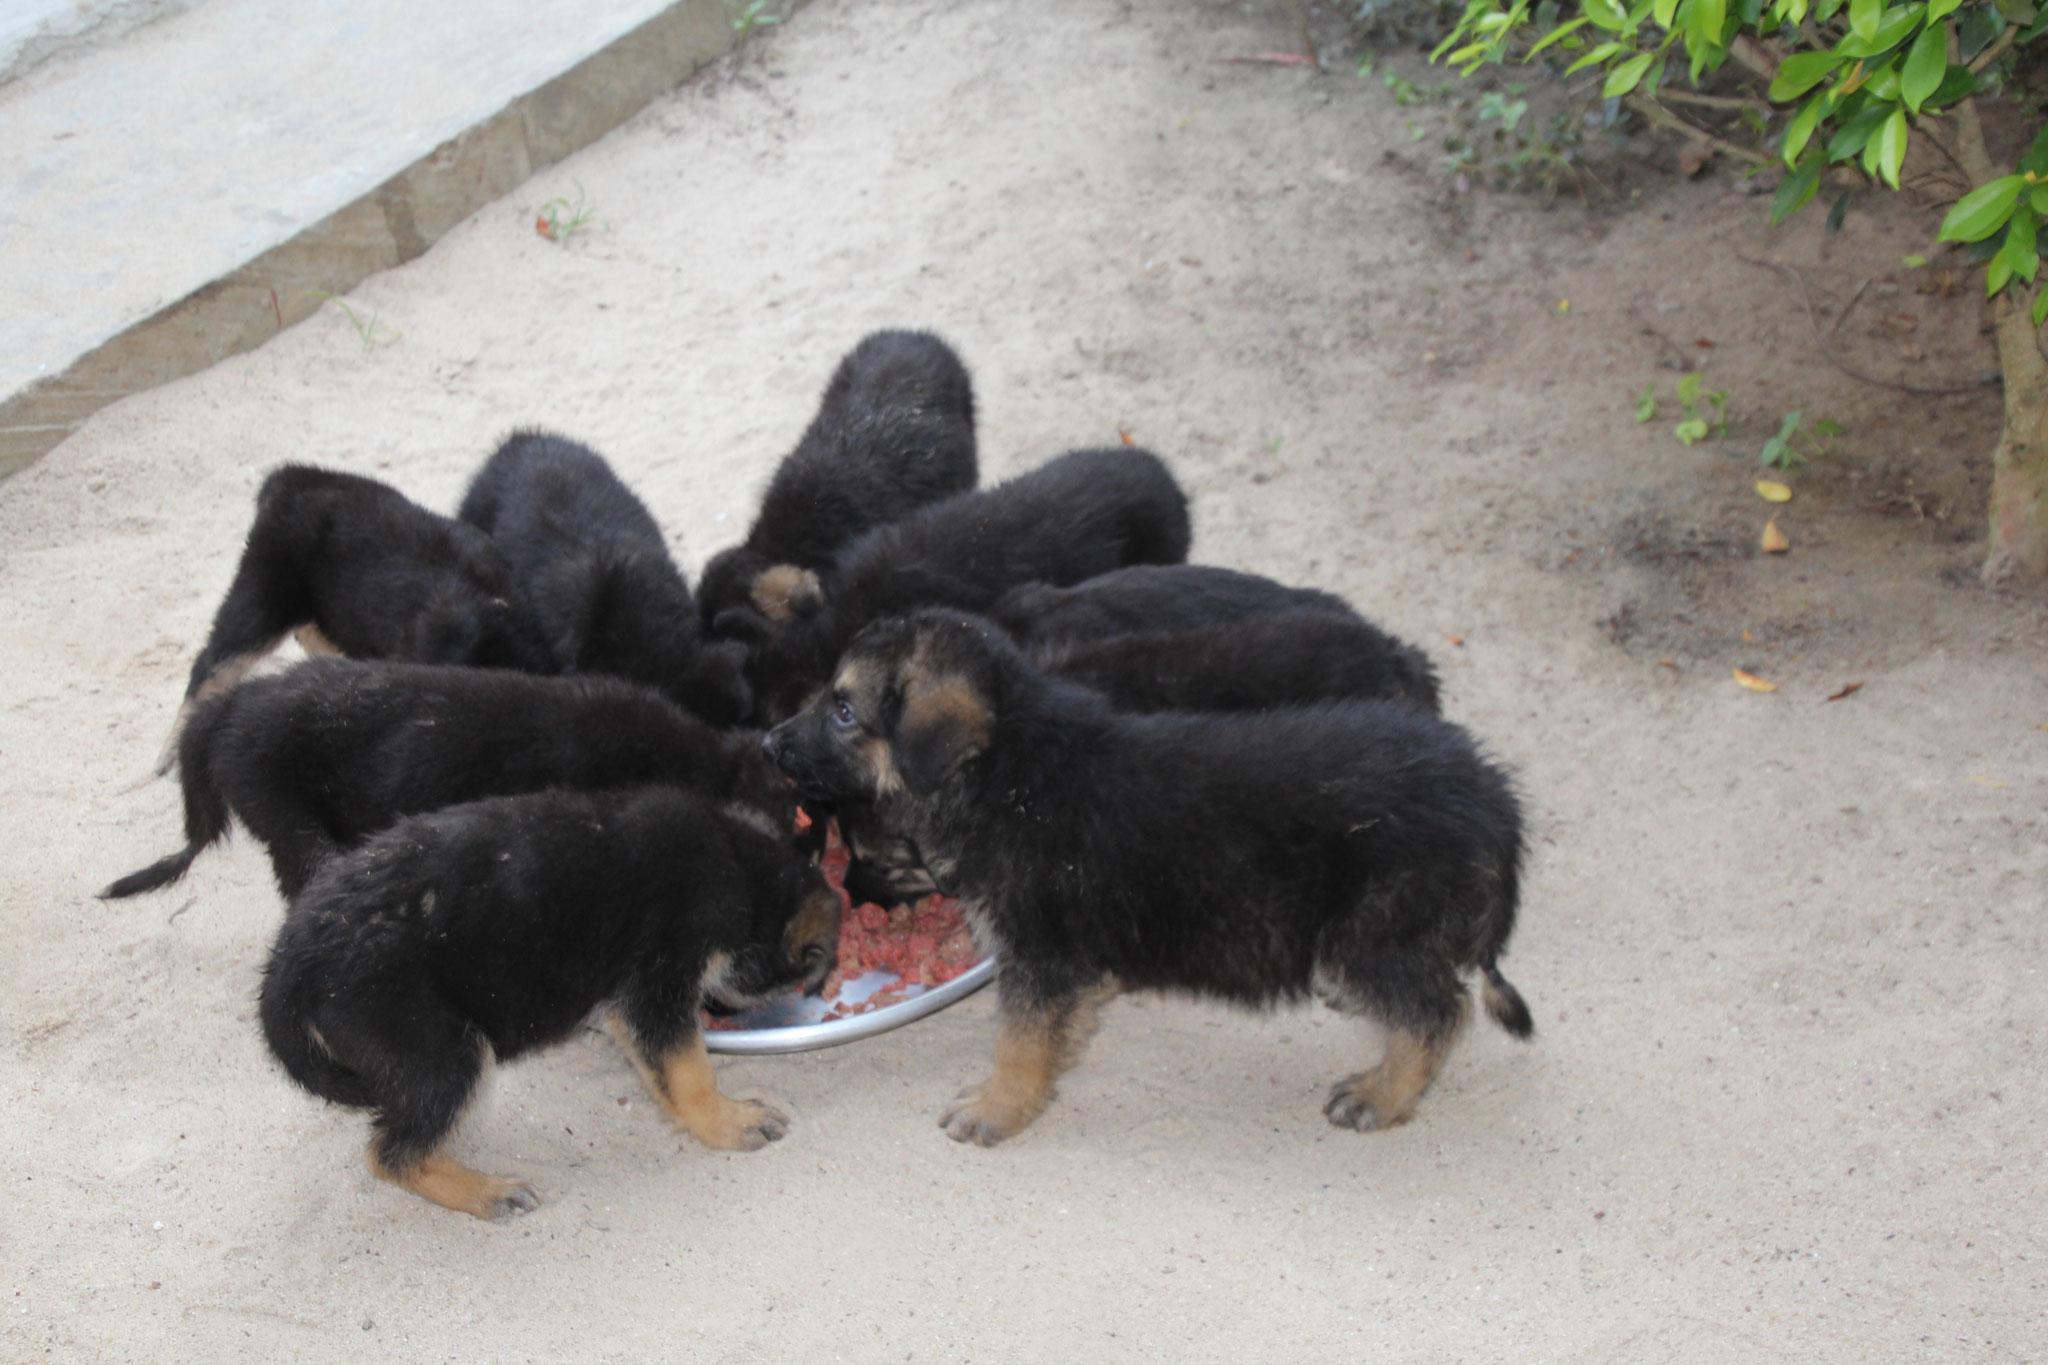 Nur beim Fressen bringt man alle zusammen auf das Foto